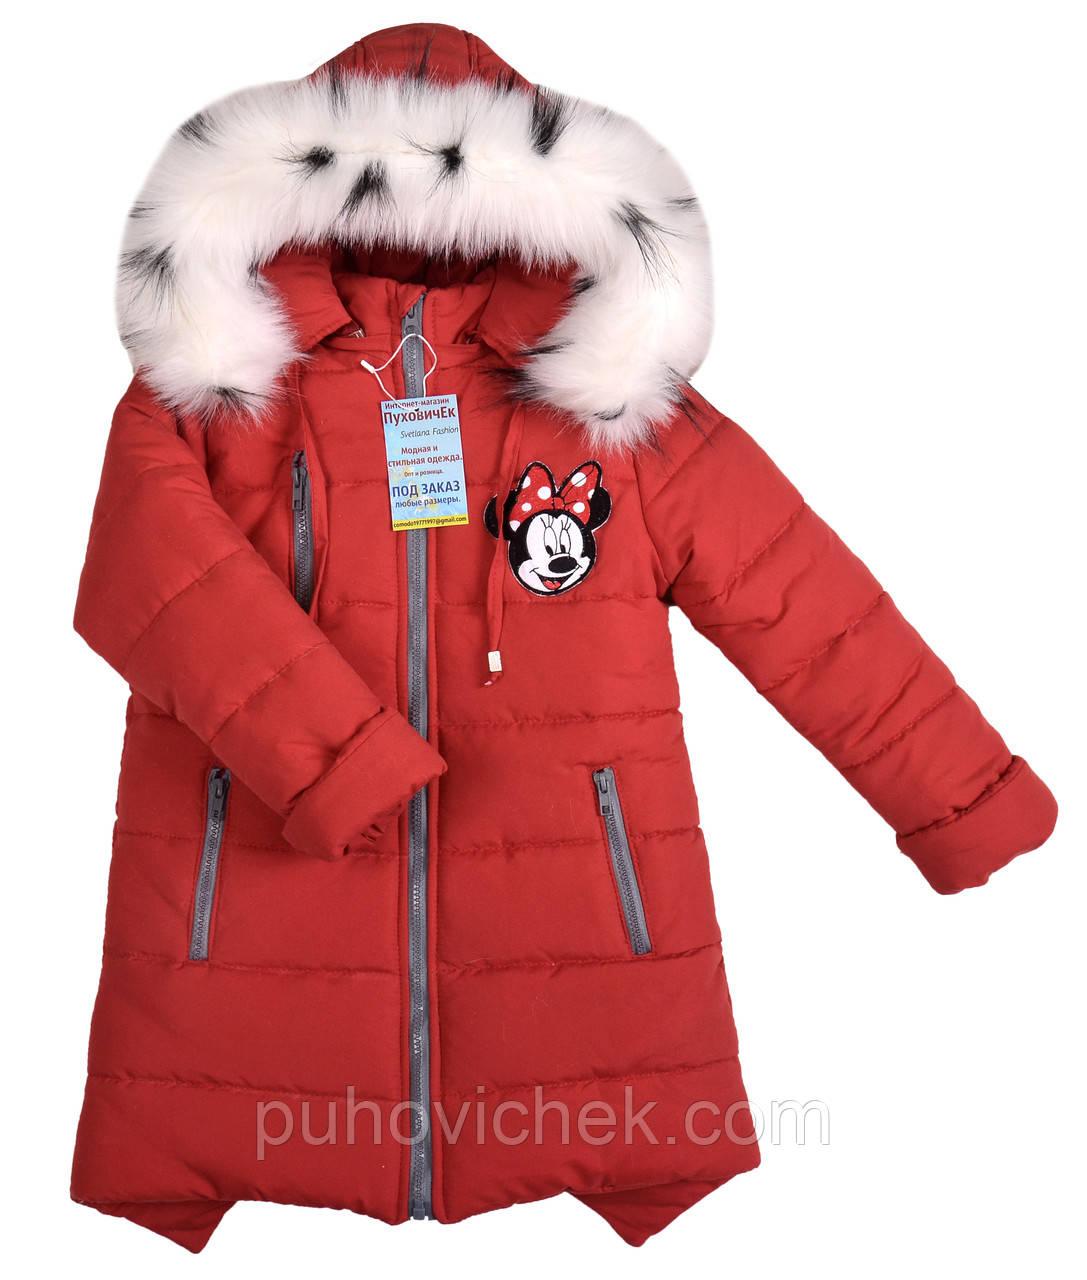 Зимние куртки детские для девочек с мехом на капюшоне